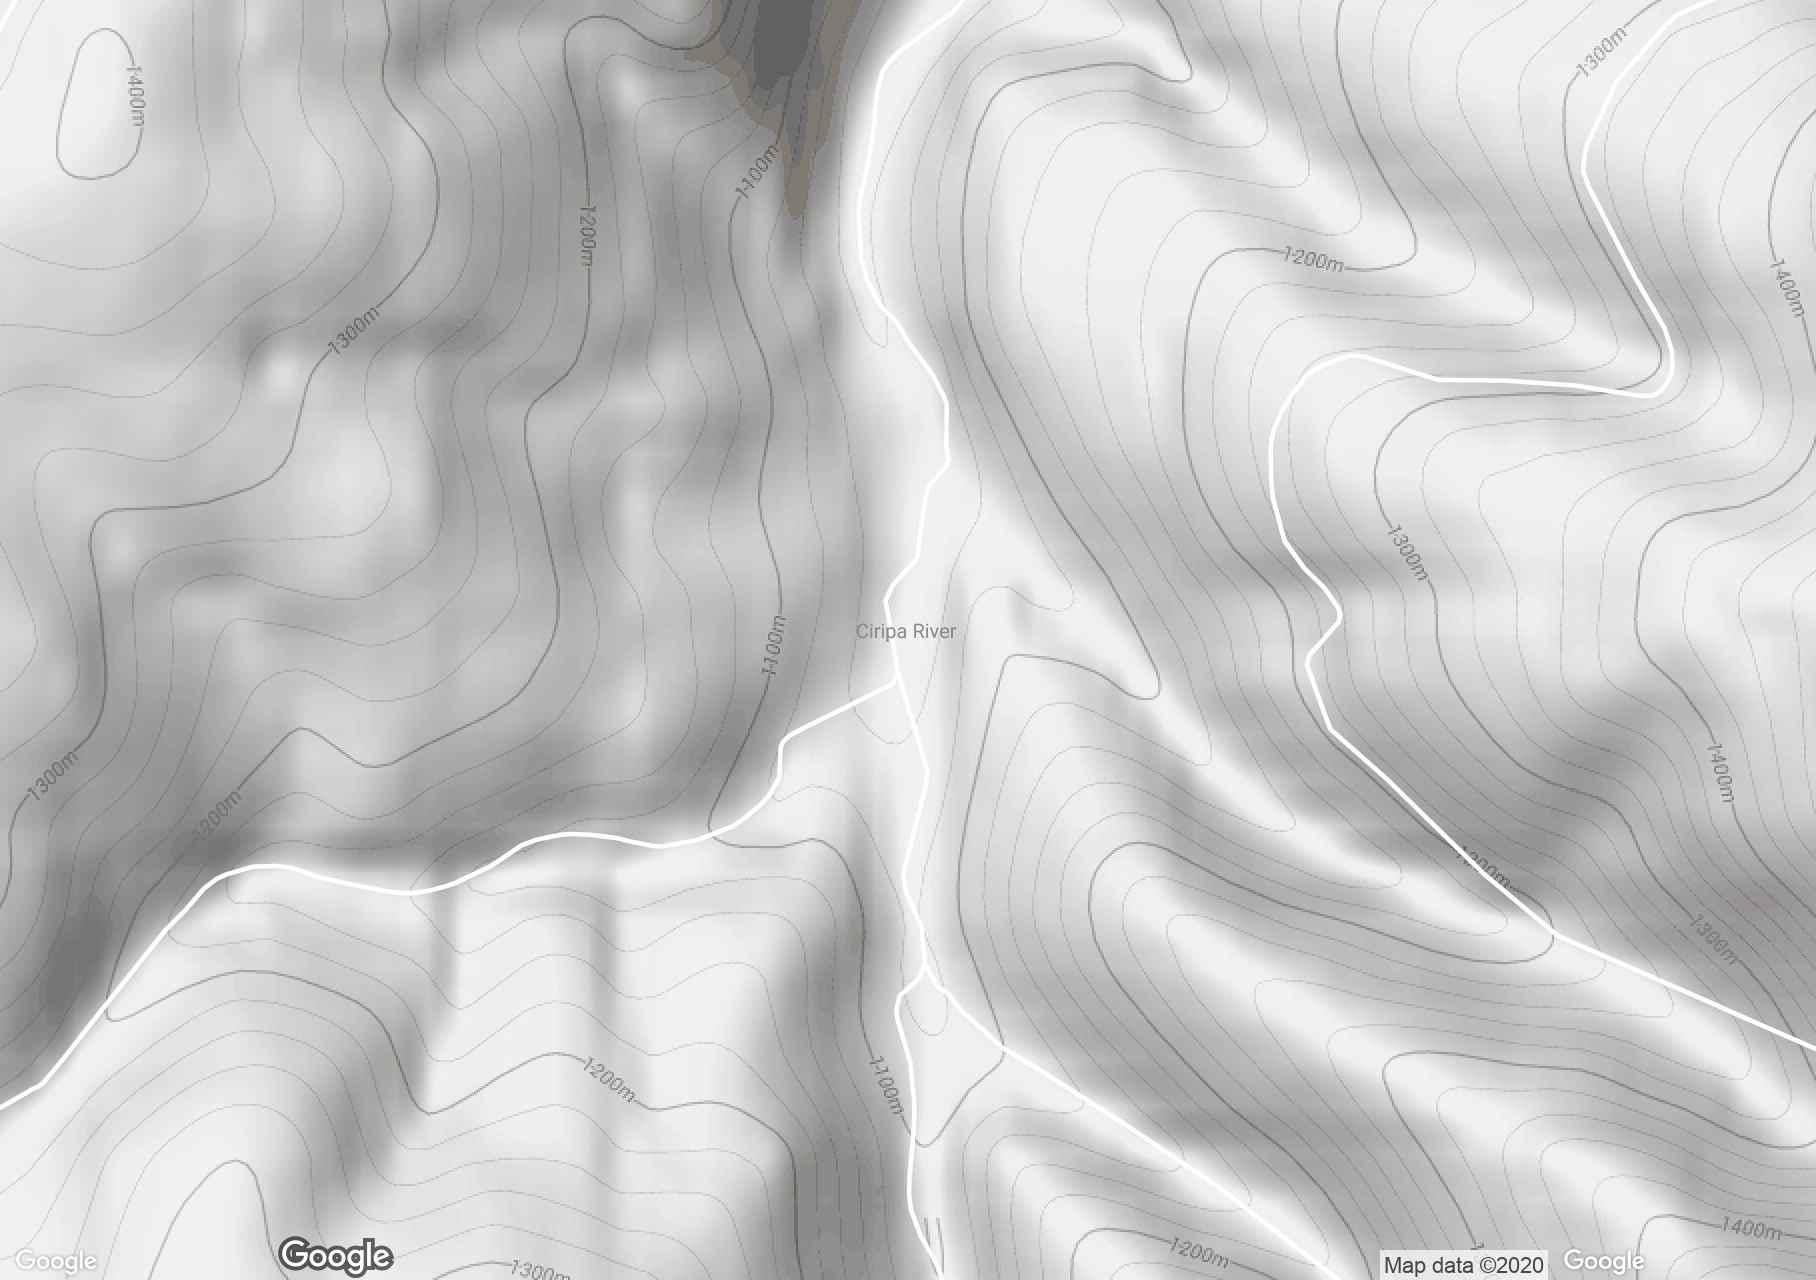 Cserepes interaktív turista térképe.